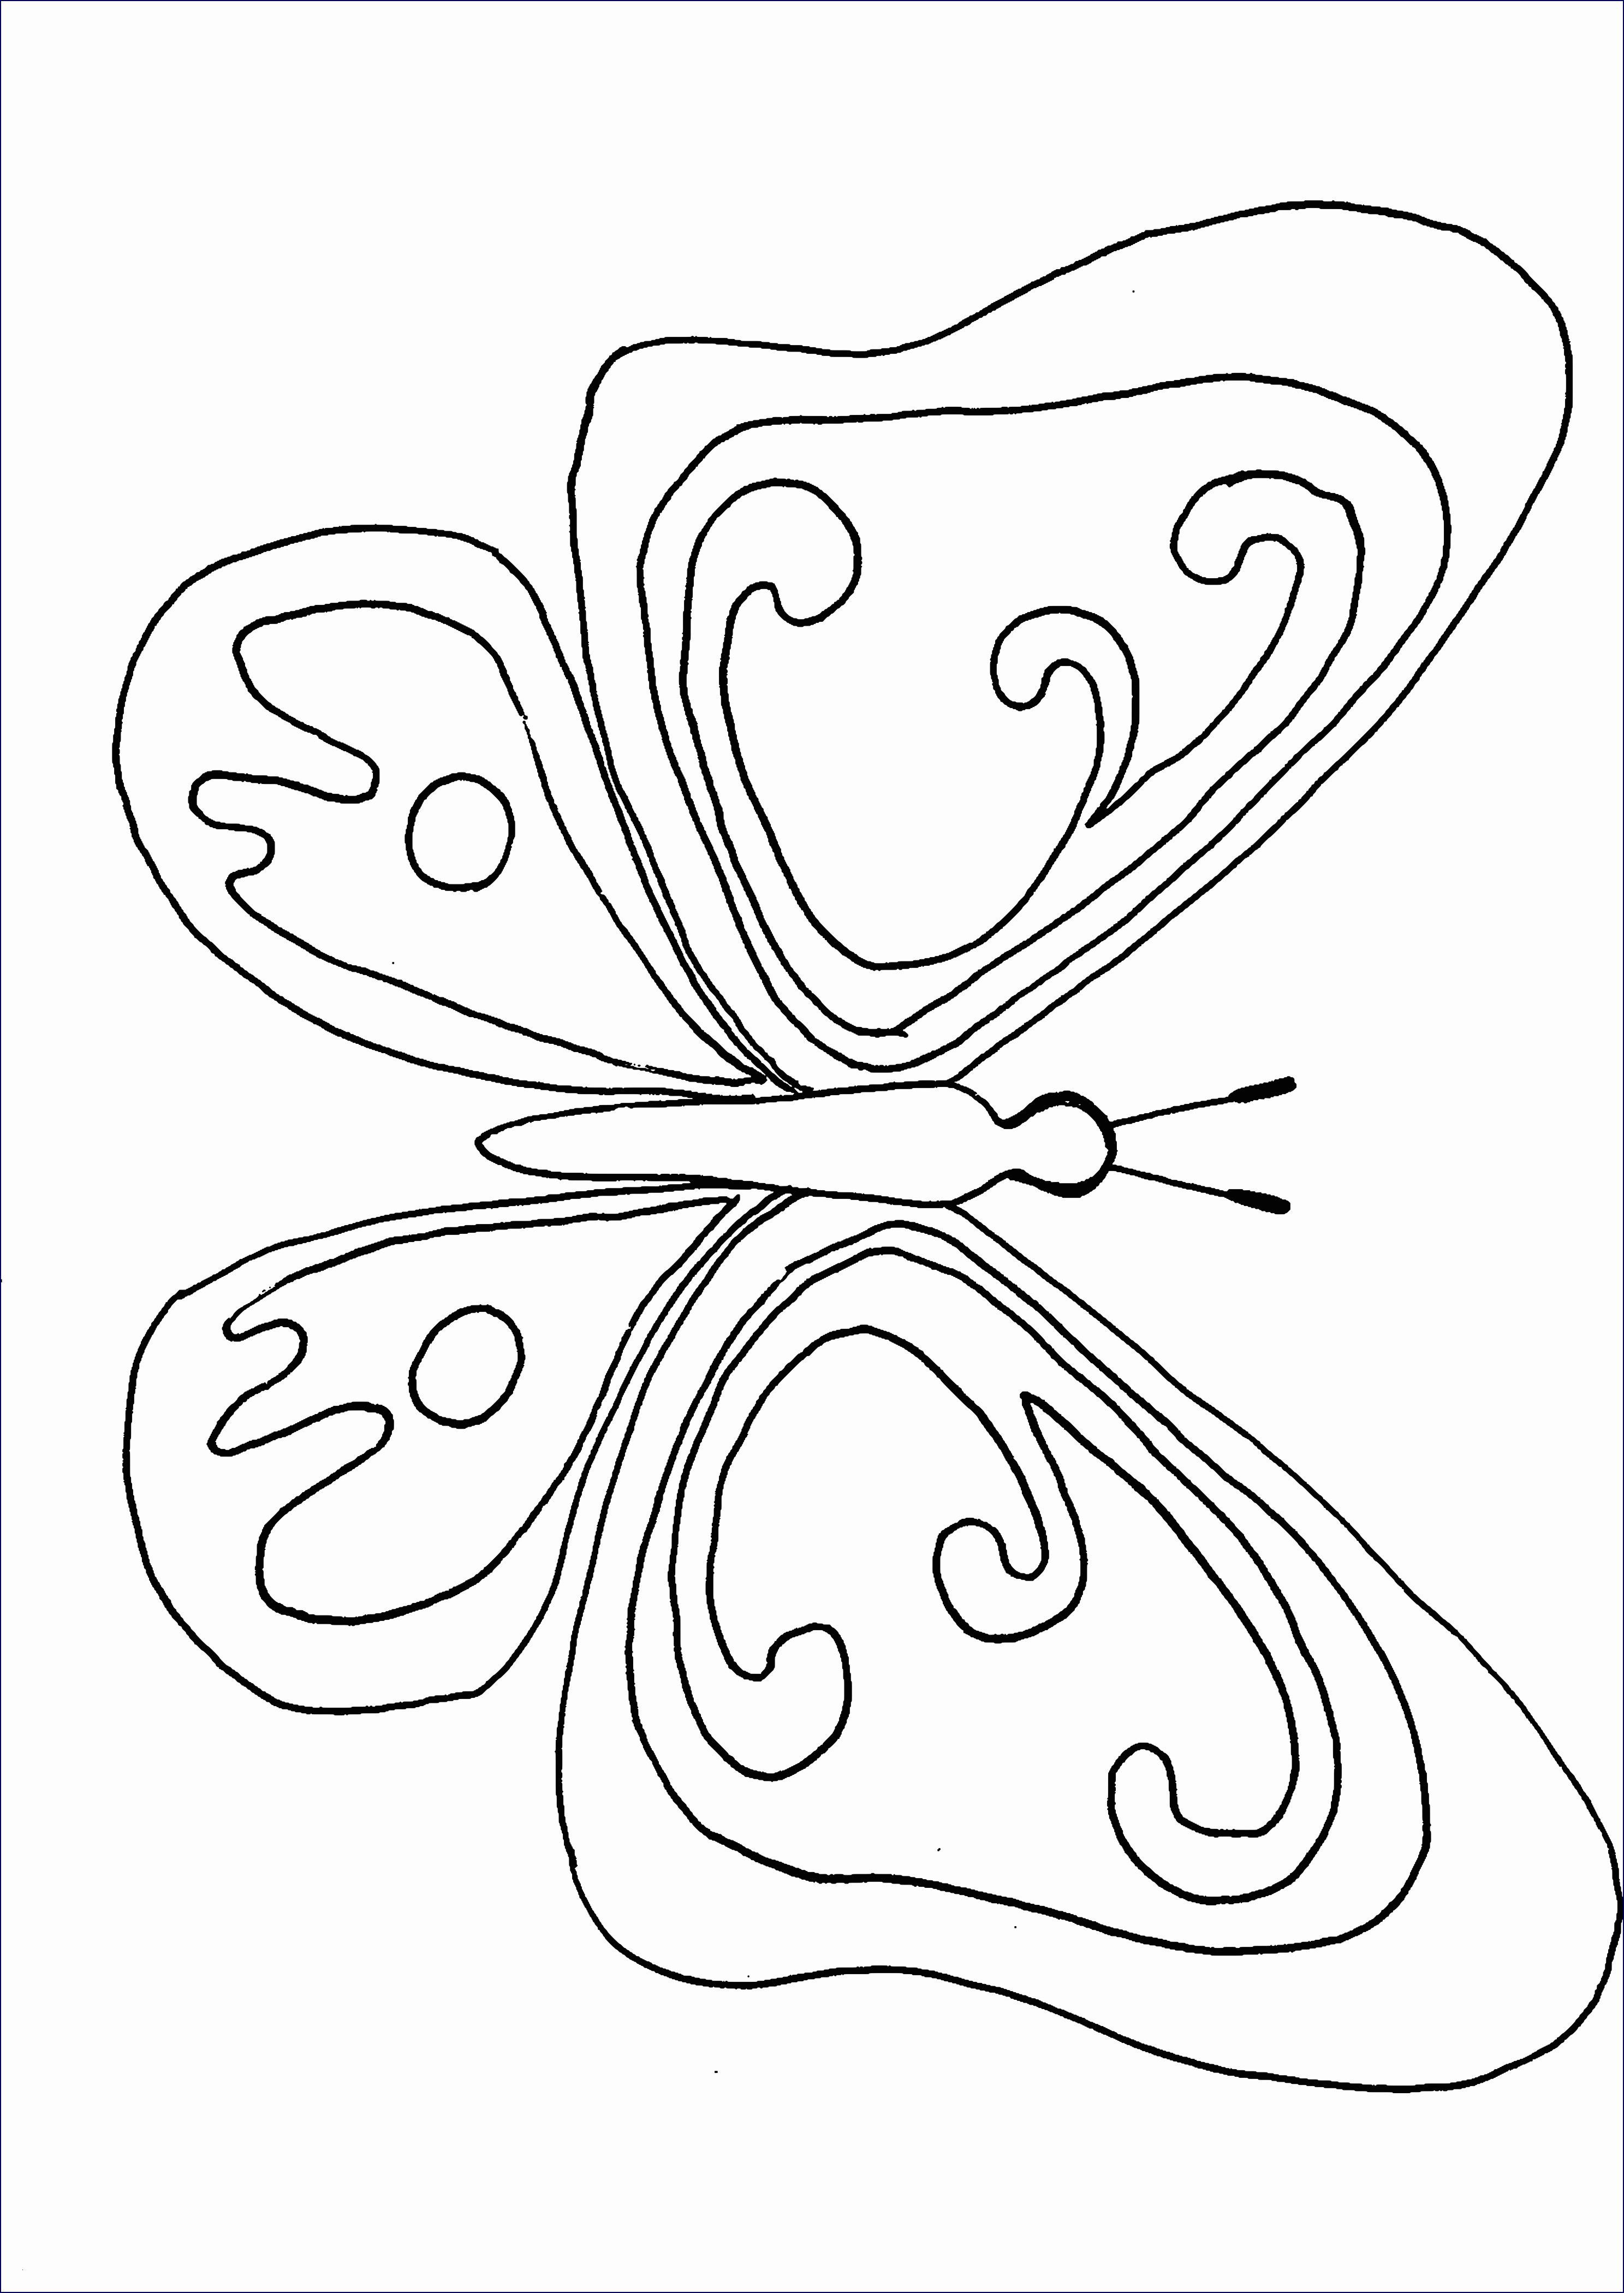 Schmetterling Bilder Zum Ausmalen Das Beste Von Schmetterling Ausmalbilder Zum Ausdrucken Uploadertalk Frisch Sammlung